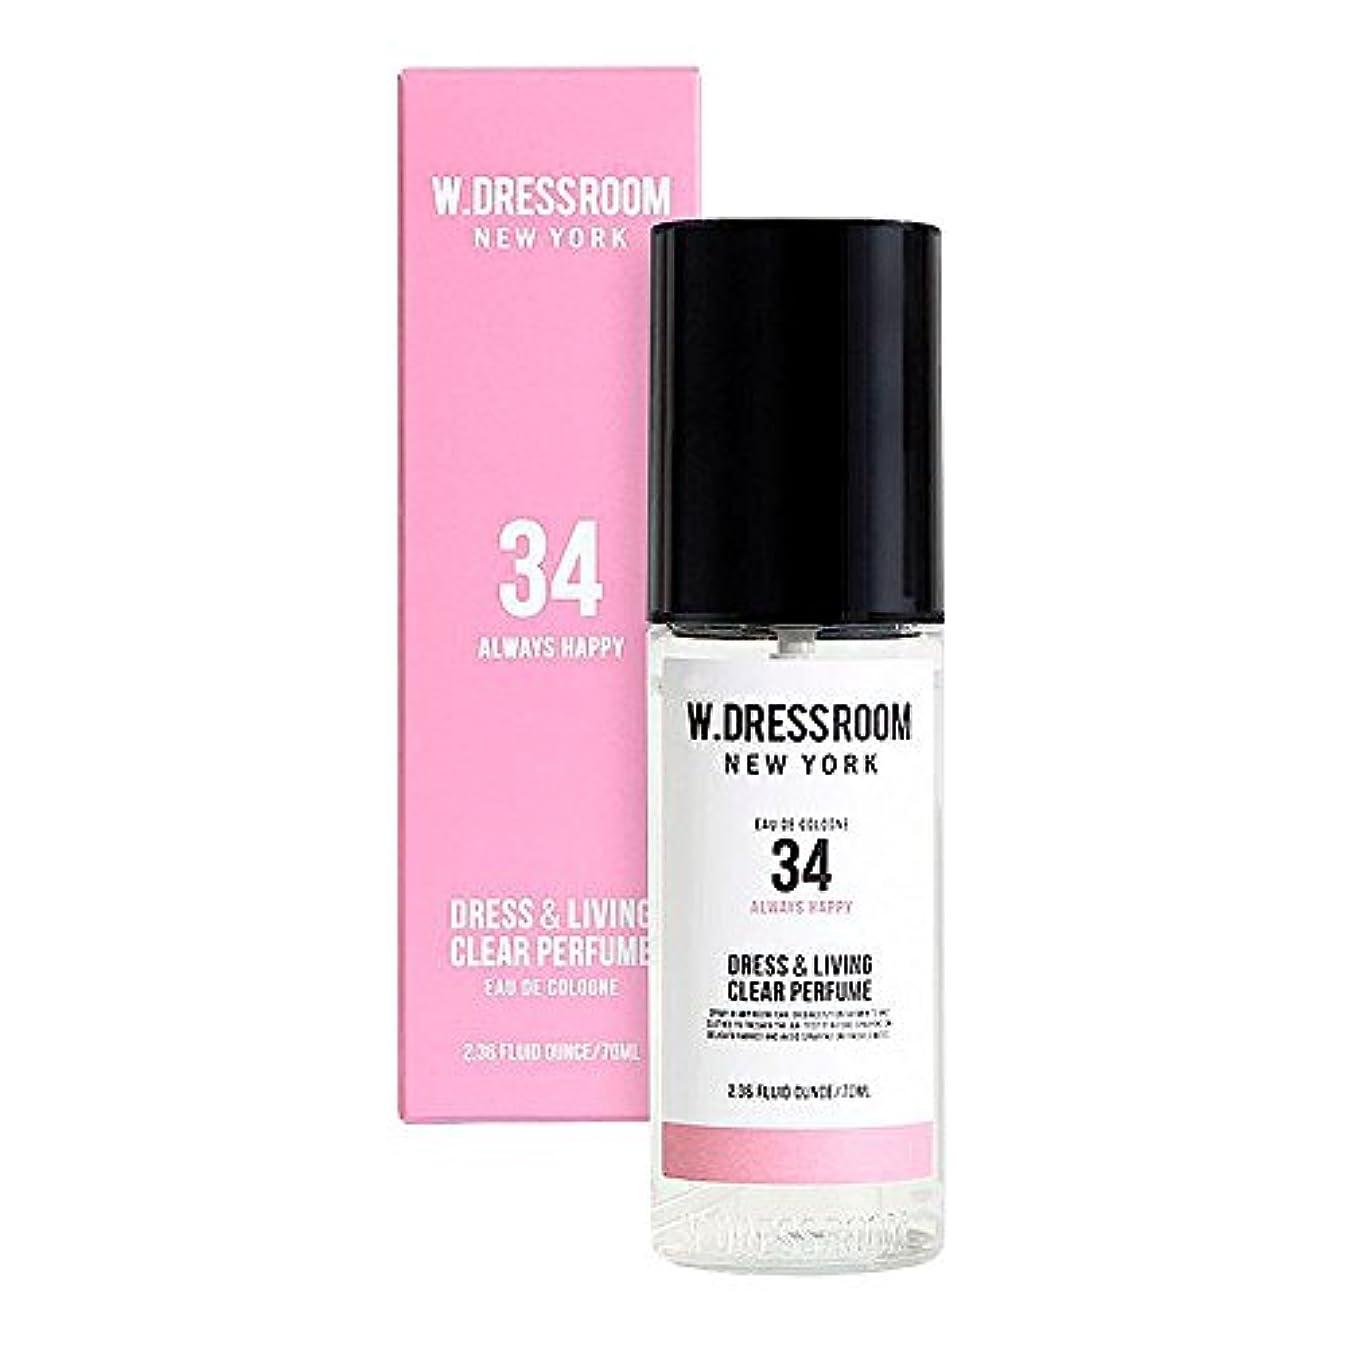 ブロック安らぎ突撃W.DRESSROOM Dress & Living Clear Perfume fragrance 70ml (#No.34 Always Happy)/ダブルドレスルーム ドレス&リビング クリア パフューム 70ml...